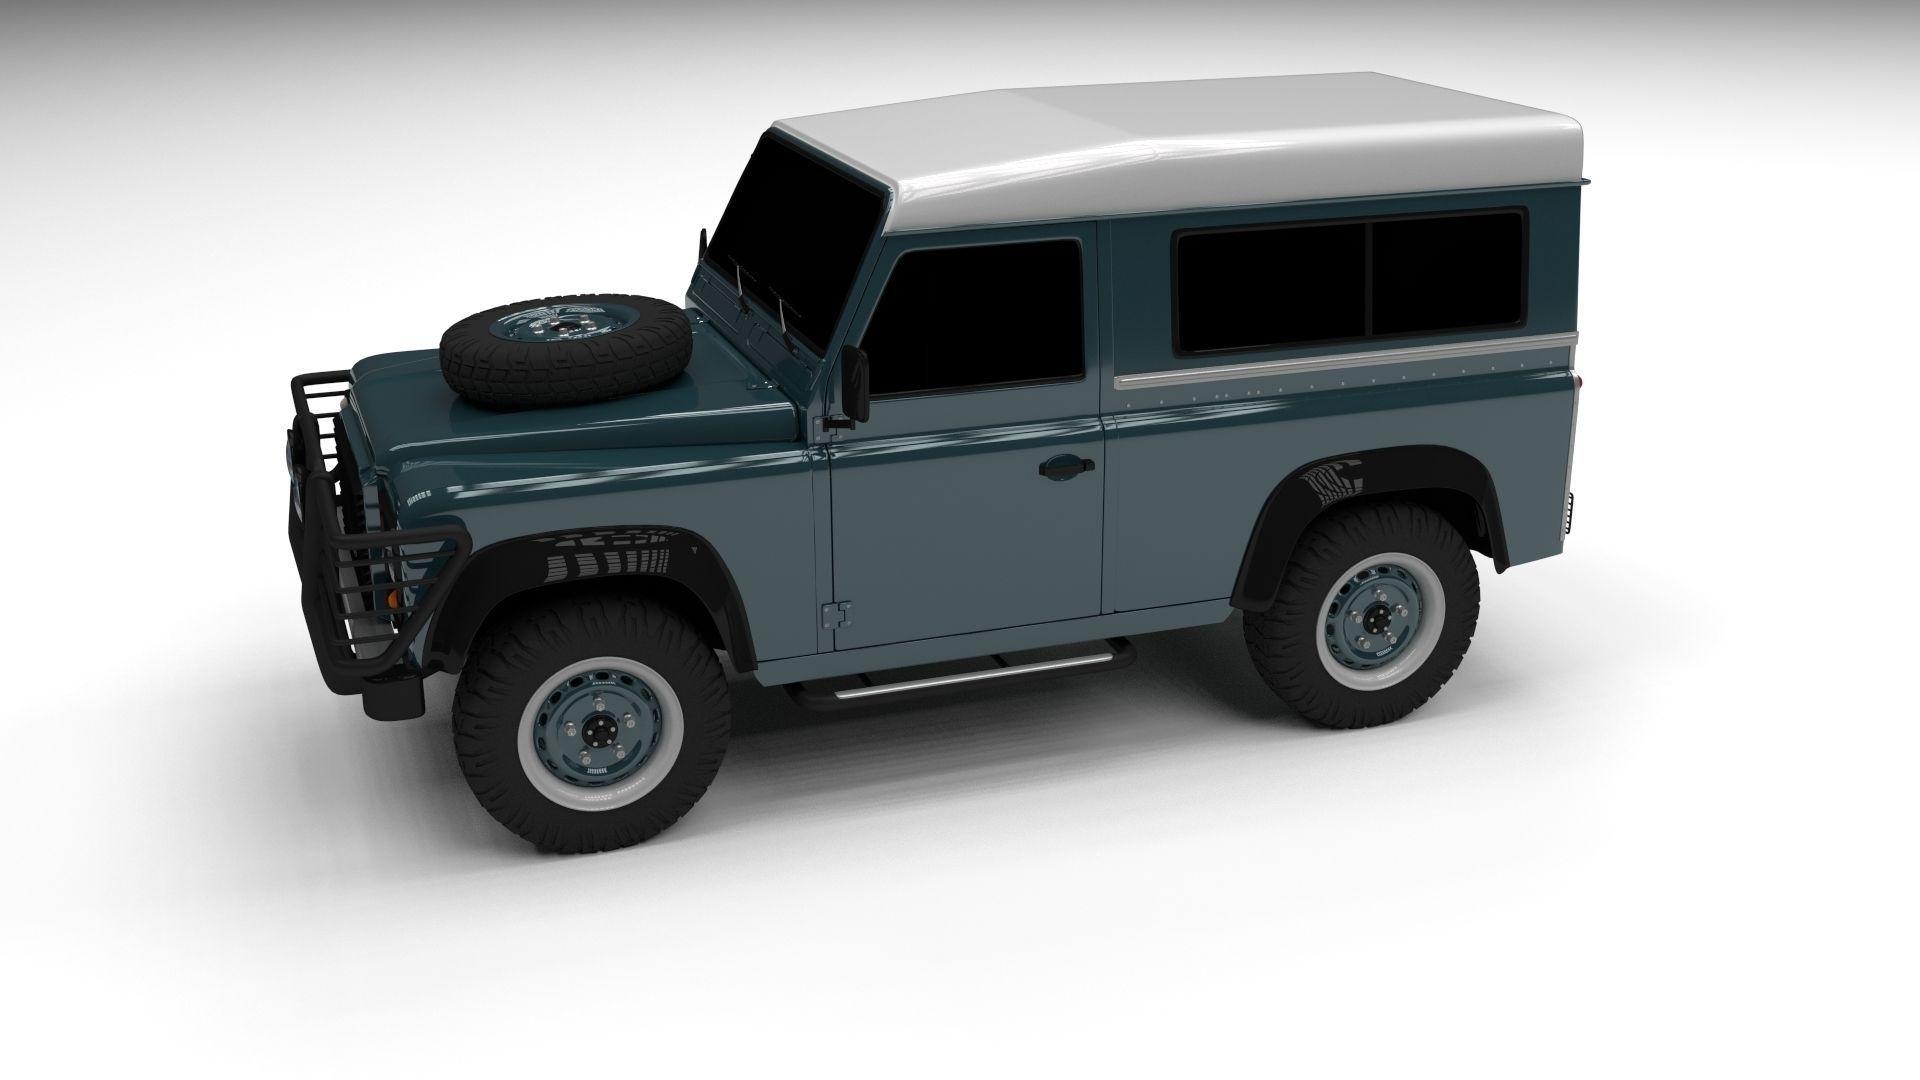 land rover defender 90 station wagon 3d model obj fbx. Black Bedroom Furniture Sets. Home Design Ideas